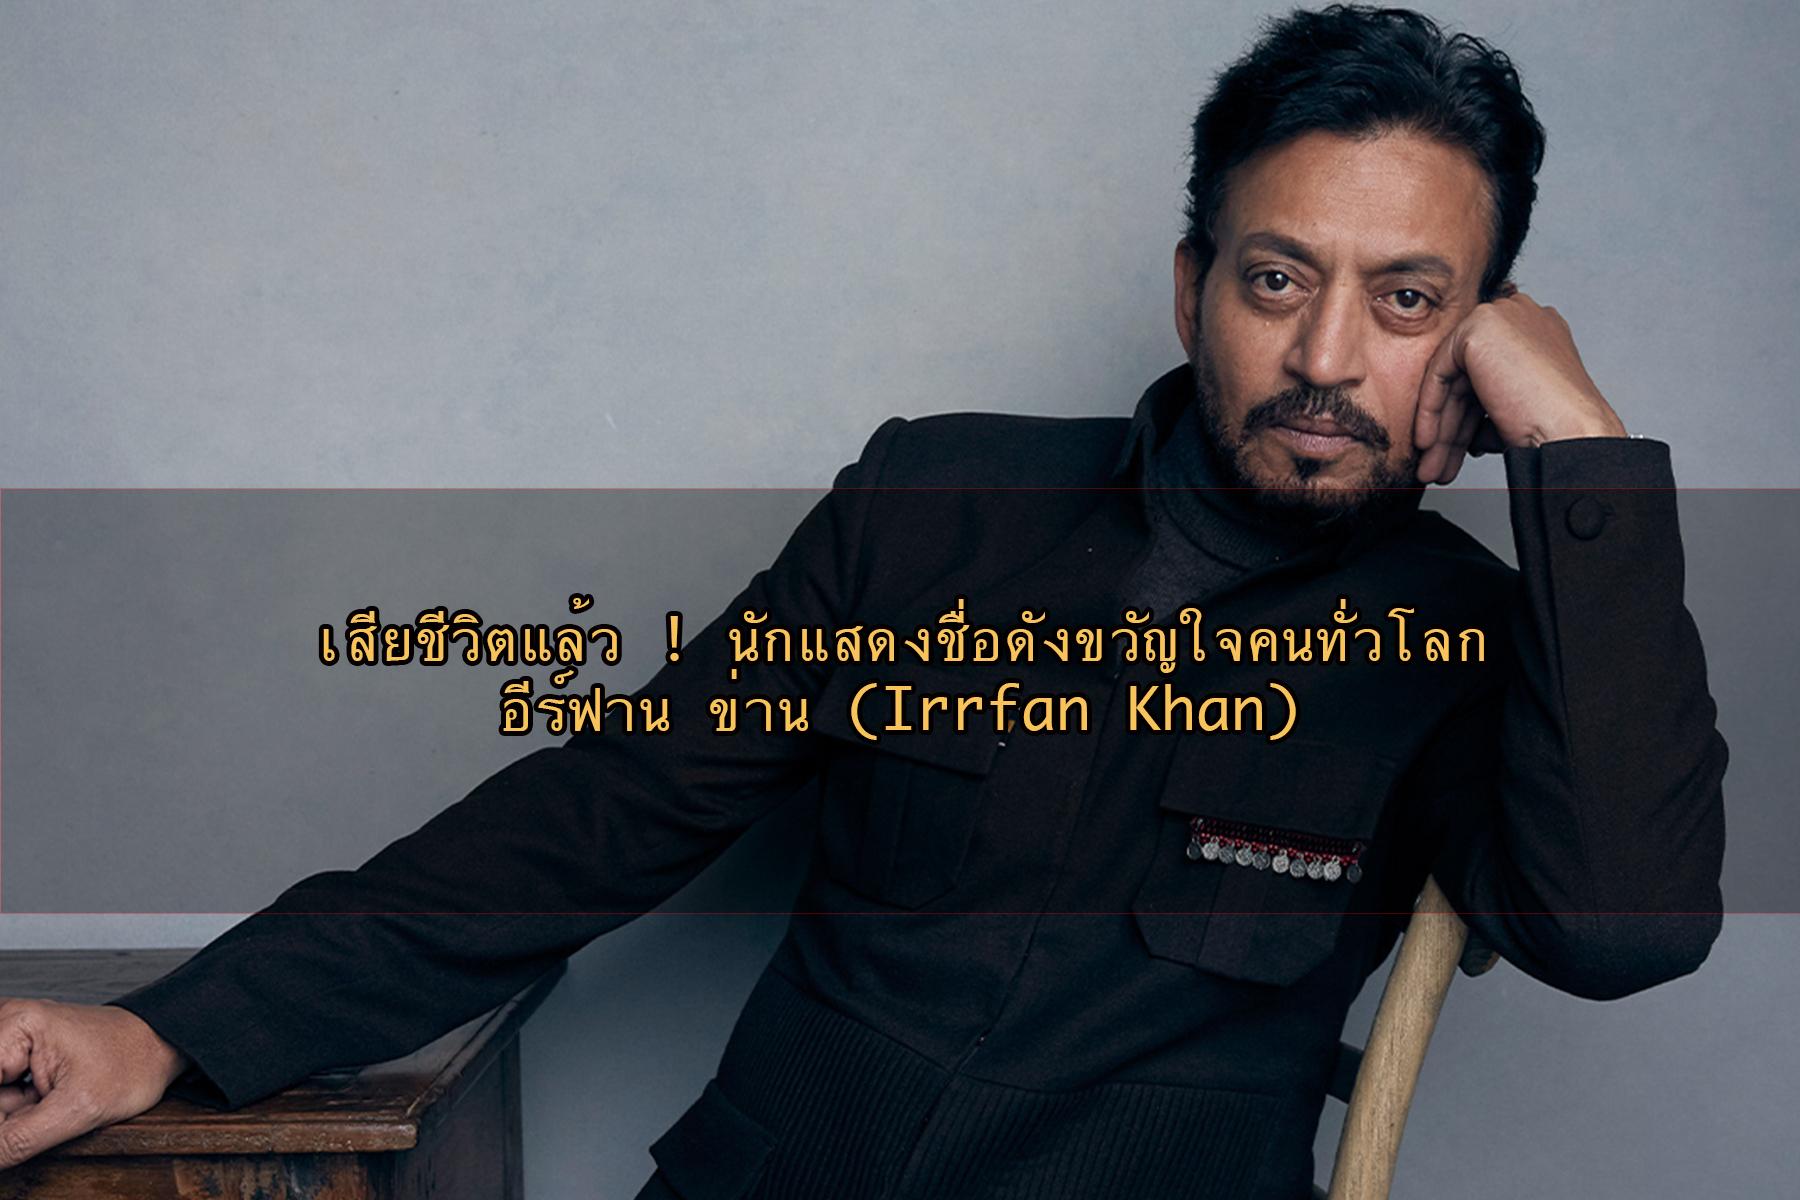 เสียชีวิตแล้ว ! นักแสดงชื่อดังขวัญใจคนทั่วโลก อีร์ฟาน ข่าน (Irrfan Khan)